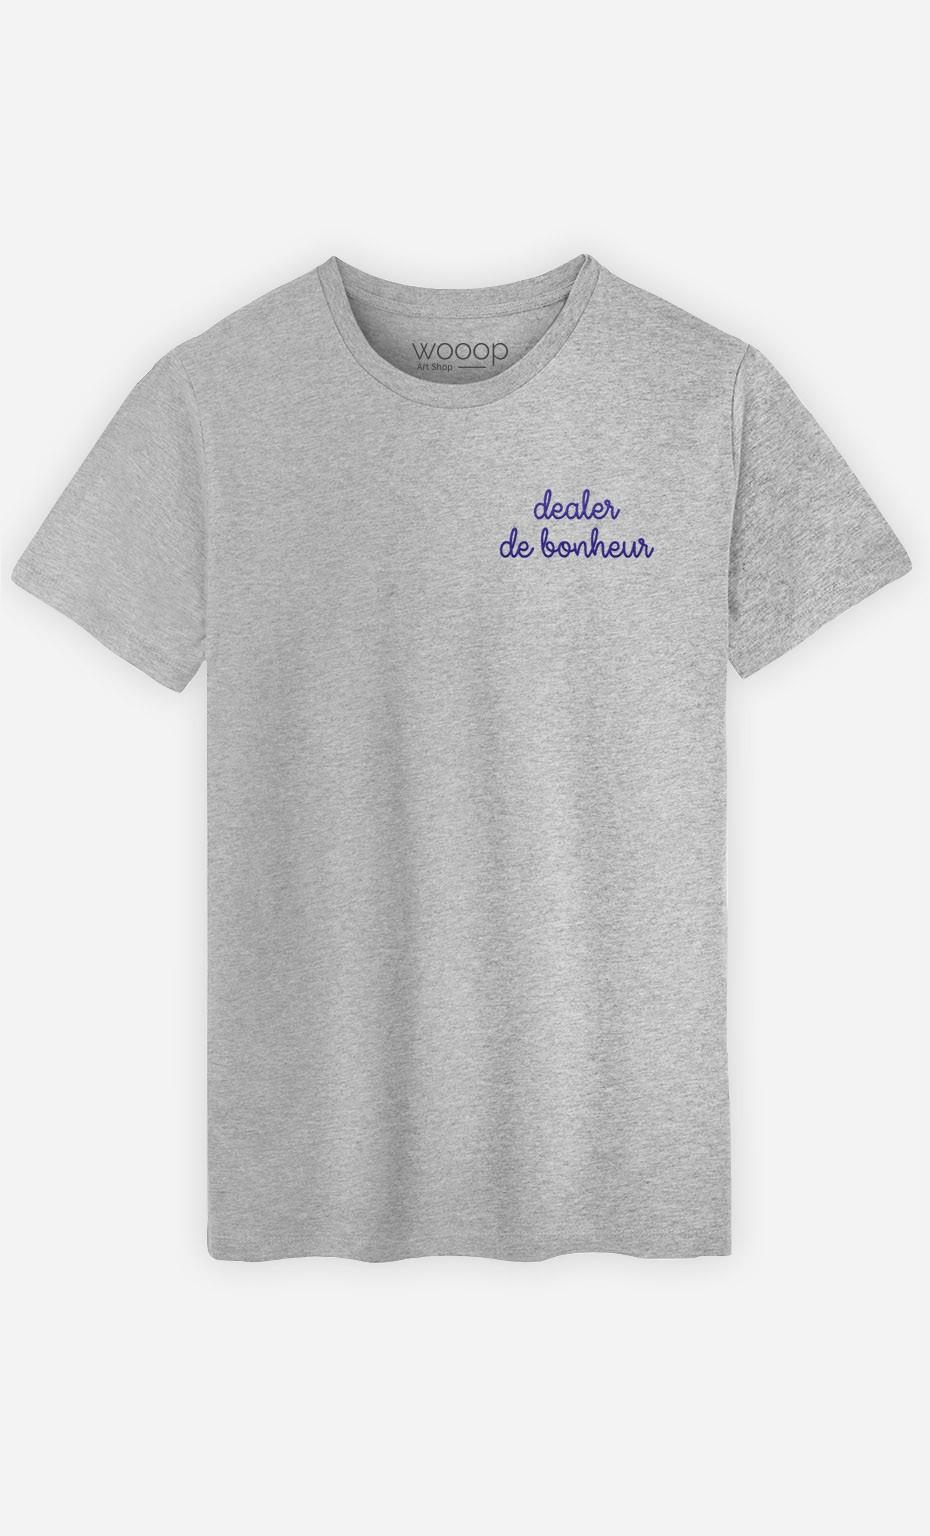 T-shirt Dealer de bonheur - brodé